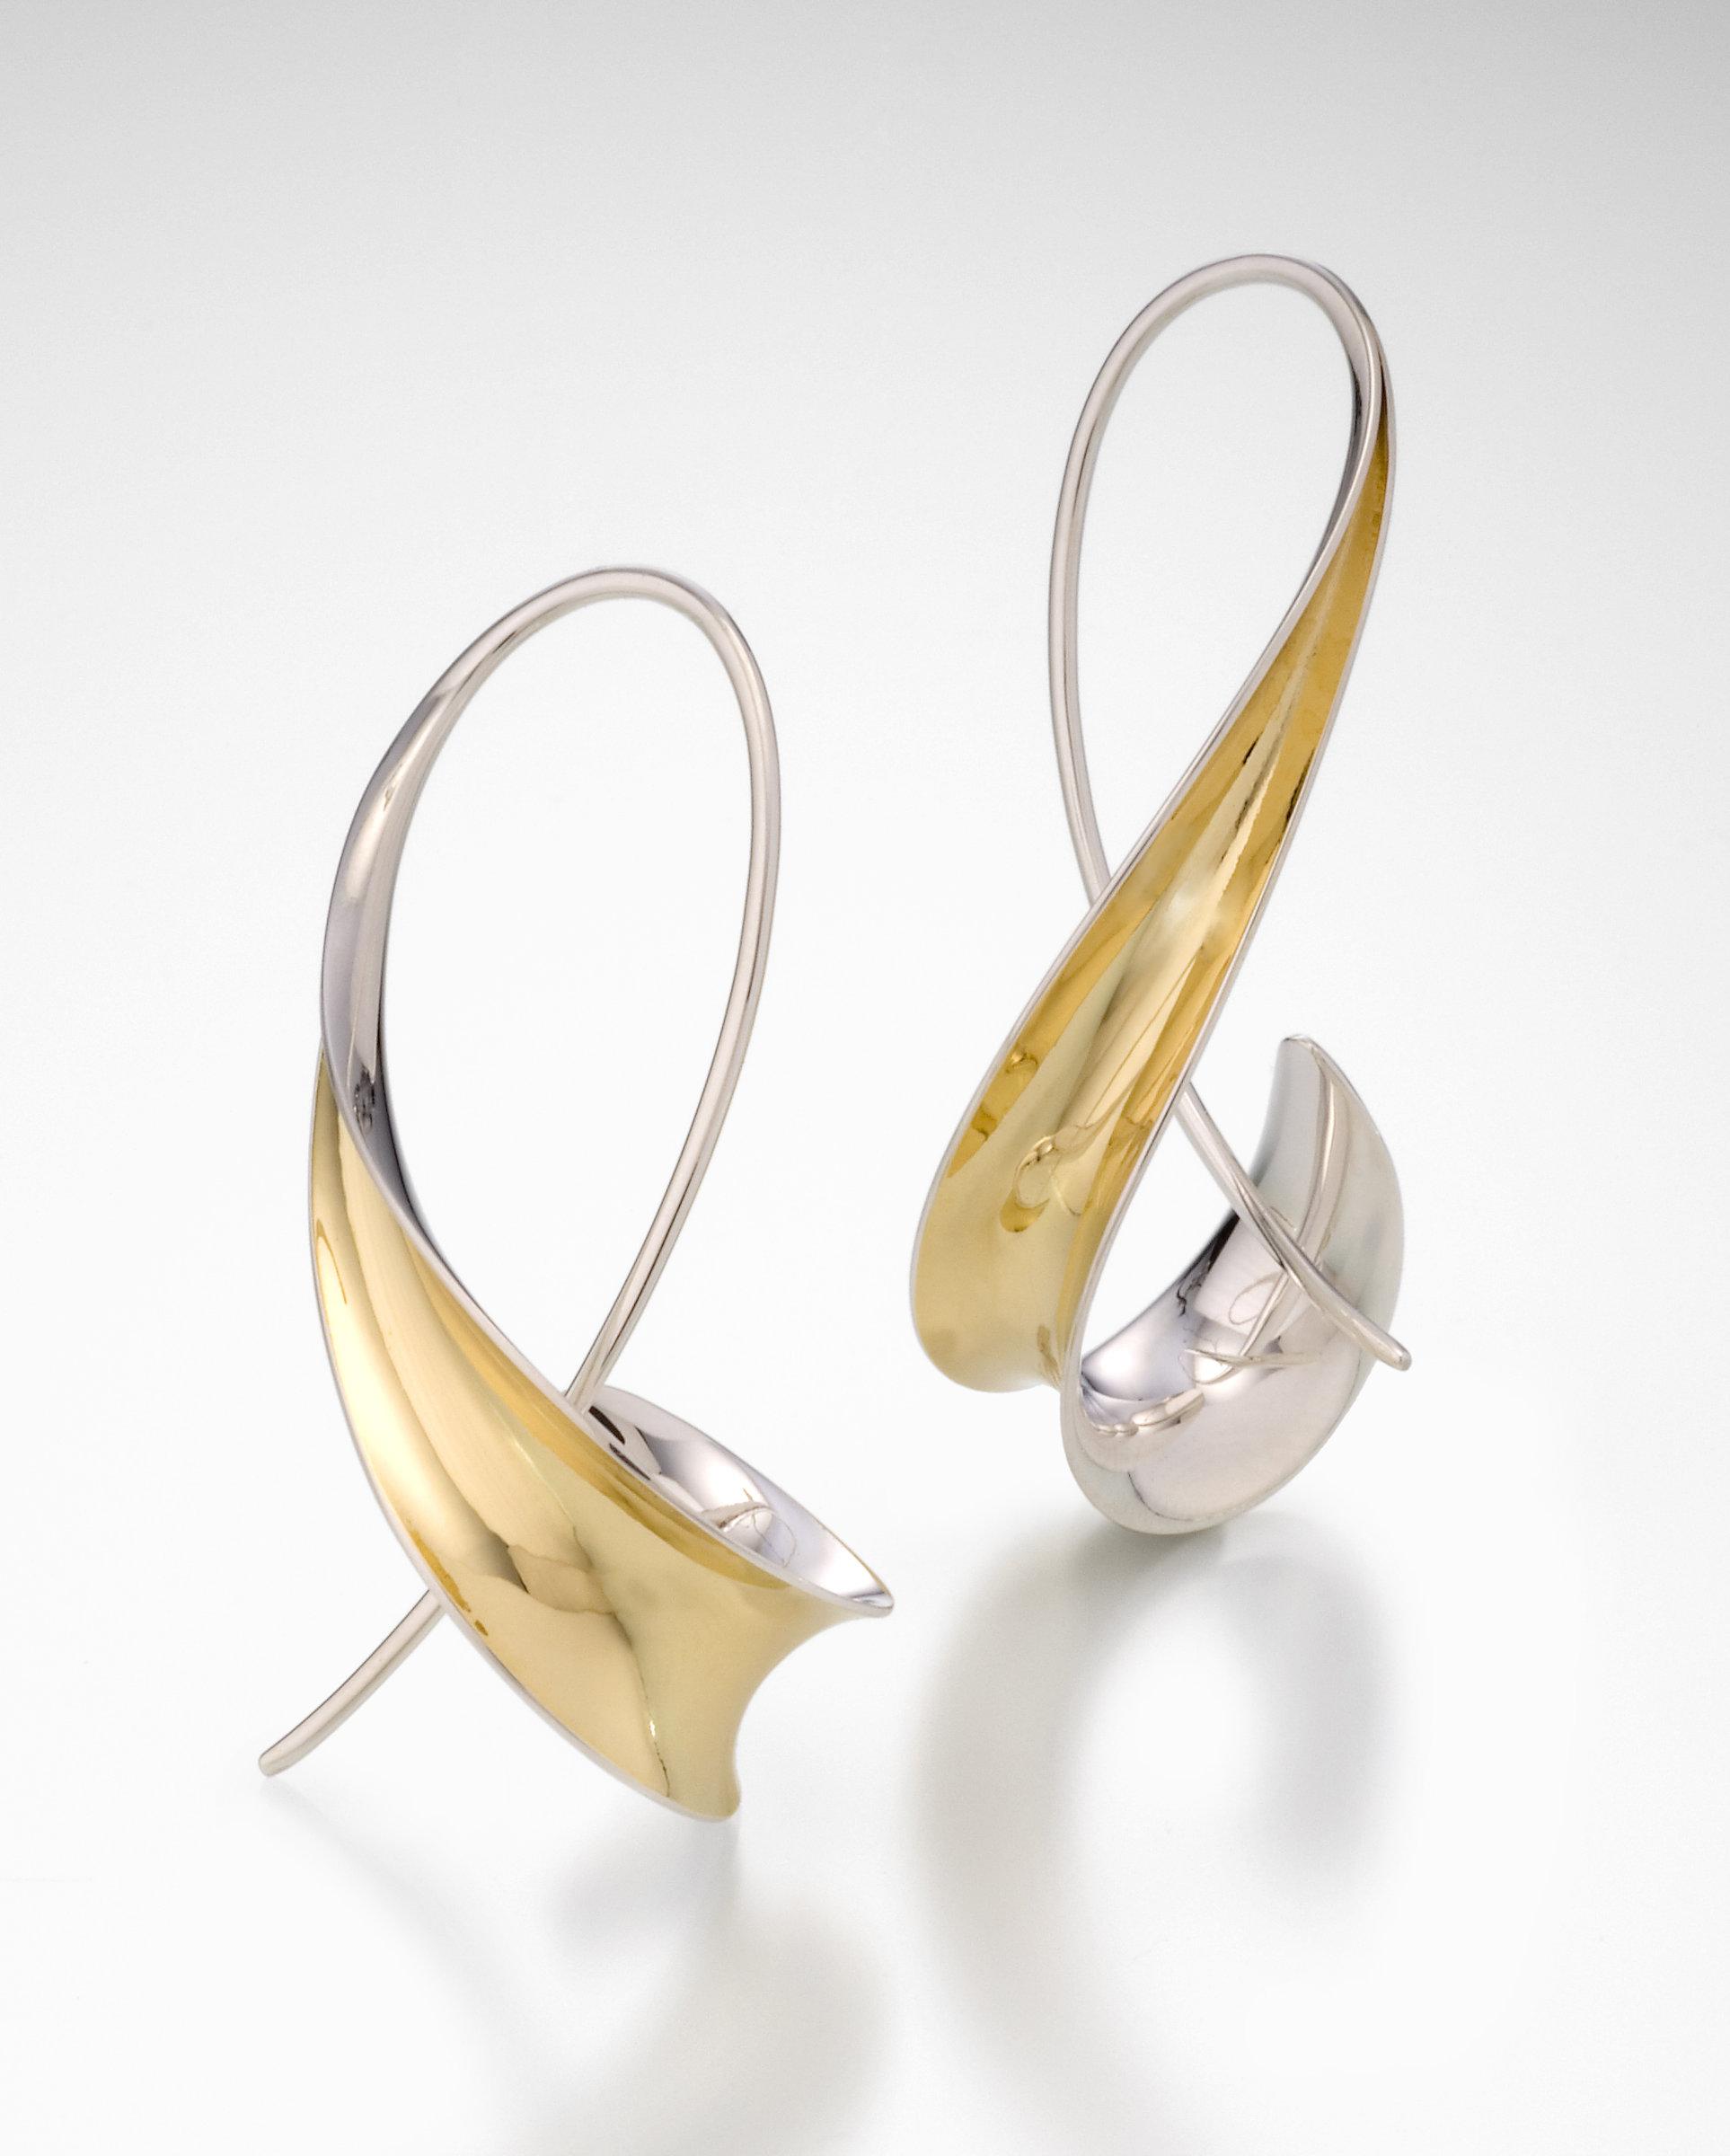 Long Hook Earrings By Nancy Linkin Silver Gold Artful Home